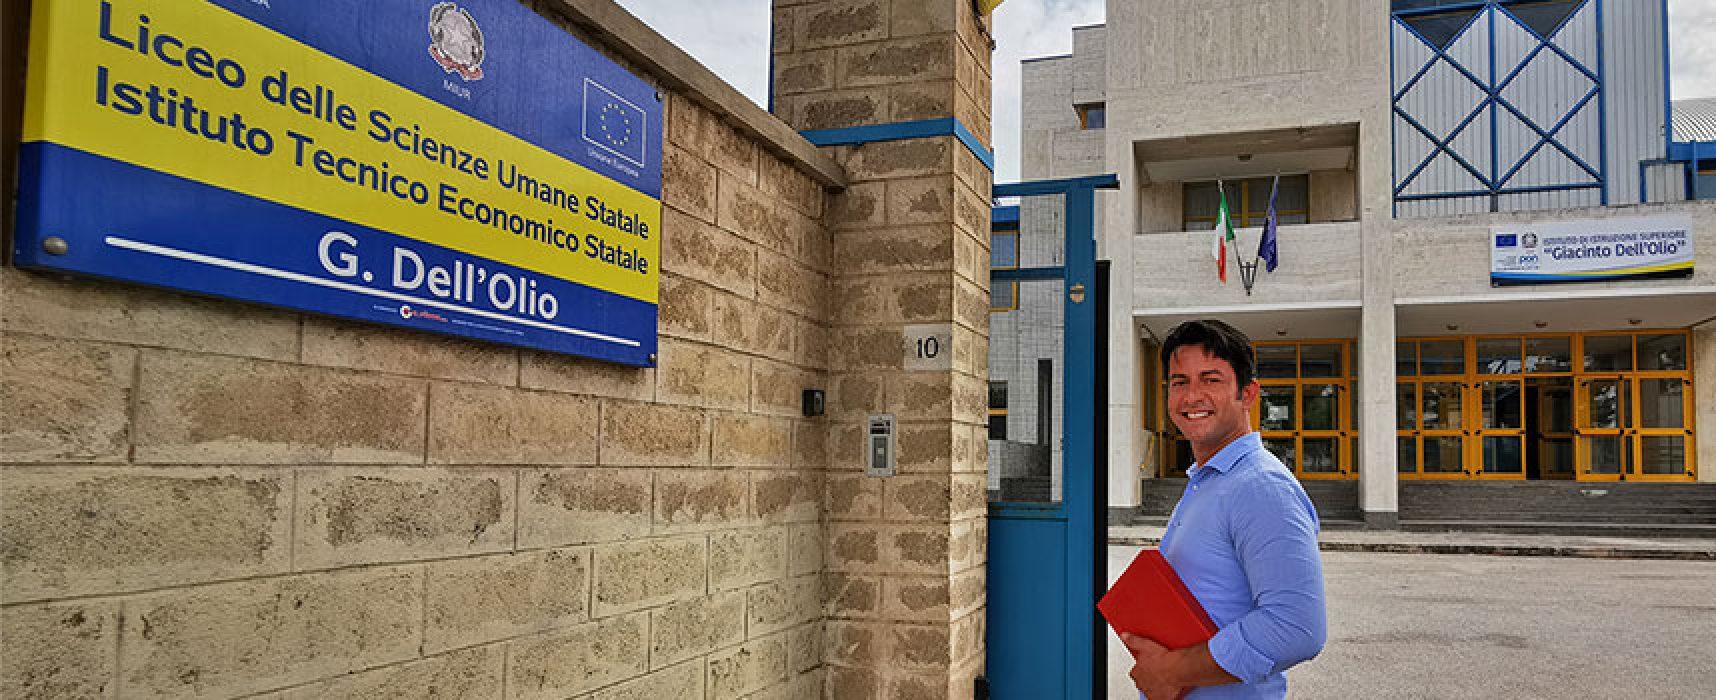 Storia locale nei programmi scolastici: il progetto parte da Bisceglie